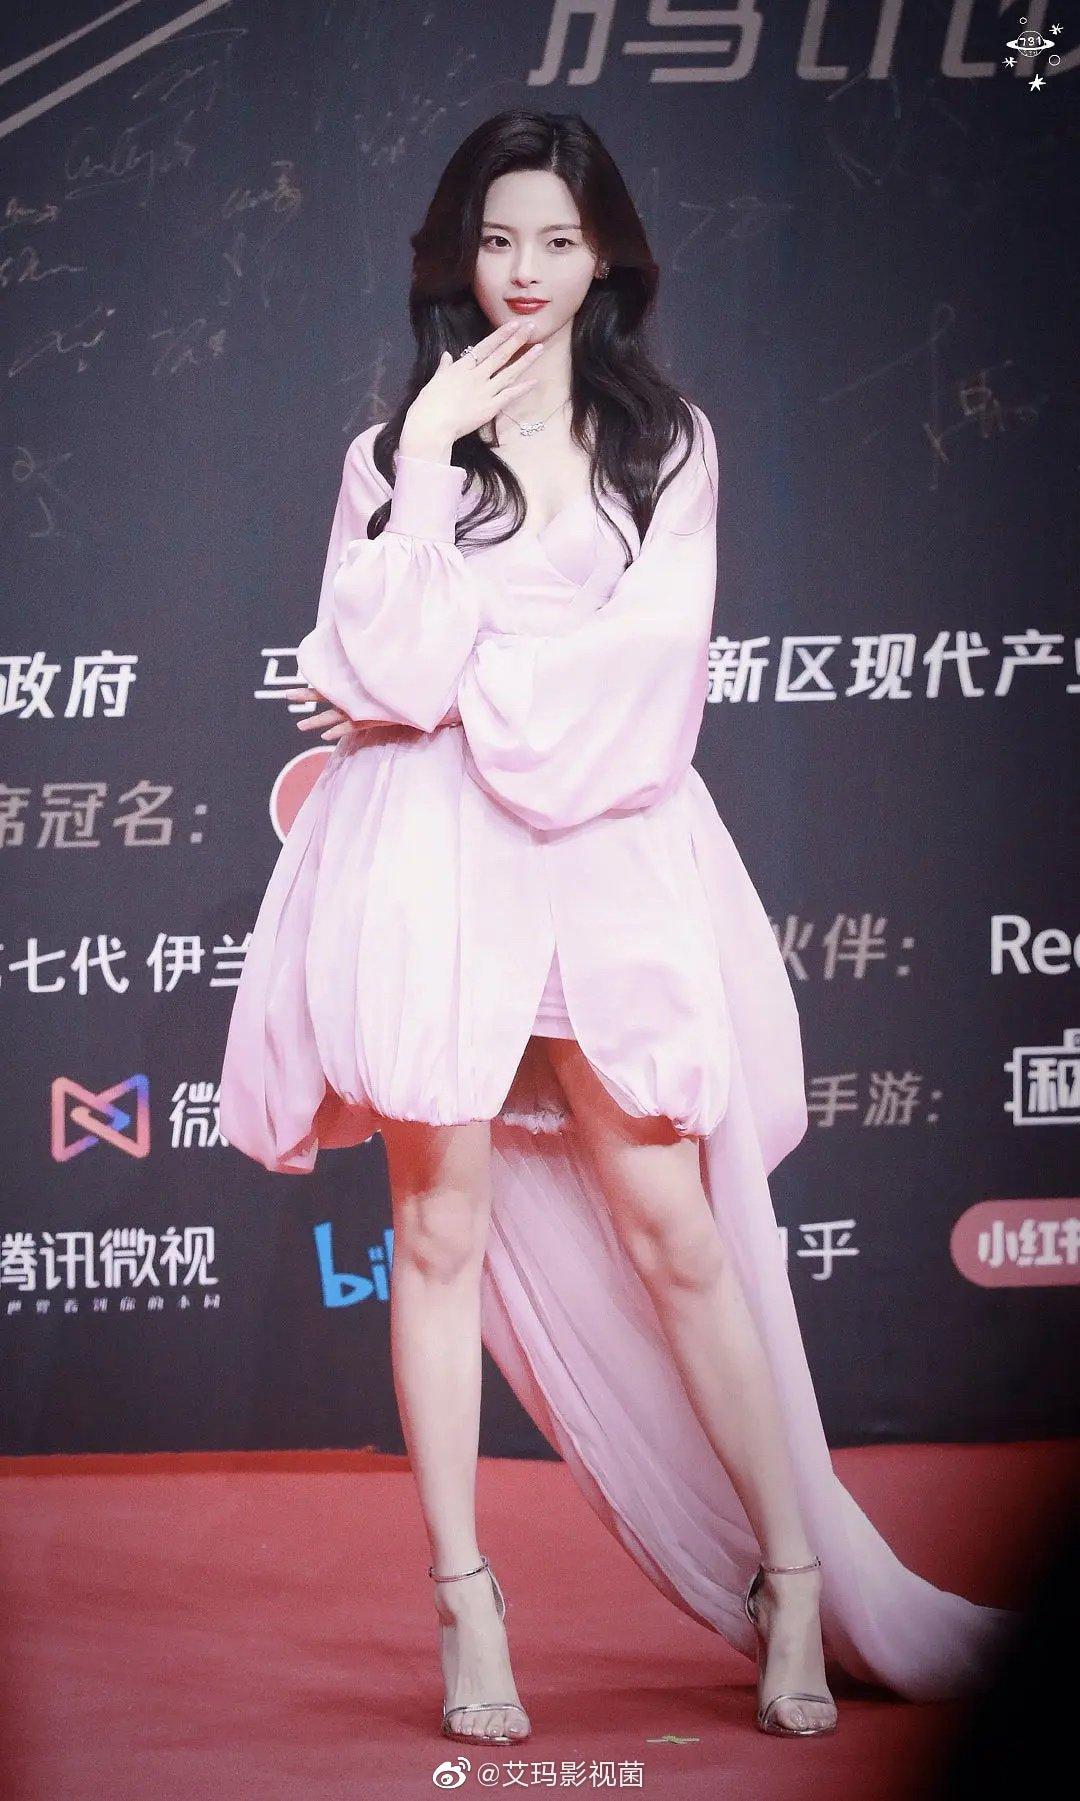 17 mỹ nhân Cbiz đọ sắc trong váy dạ hội màu hồng: Lộ Tư kiêu sa, Dương Mịch quyến rũ, Nhiệt Ba 'ngọt lịm' đến trùm cuối sến súa nổi da gà 11